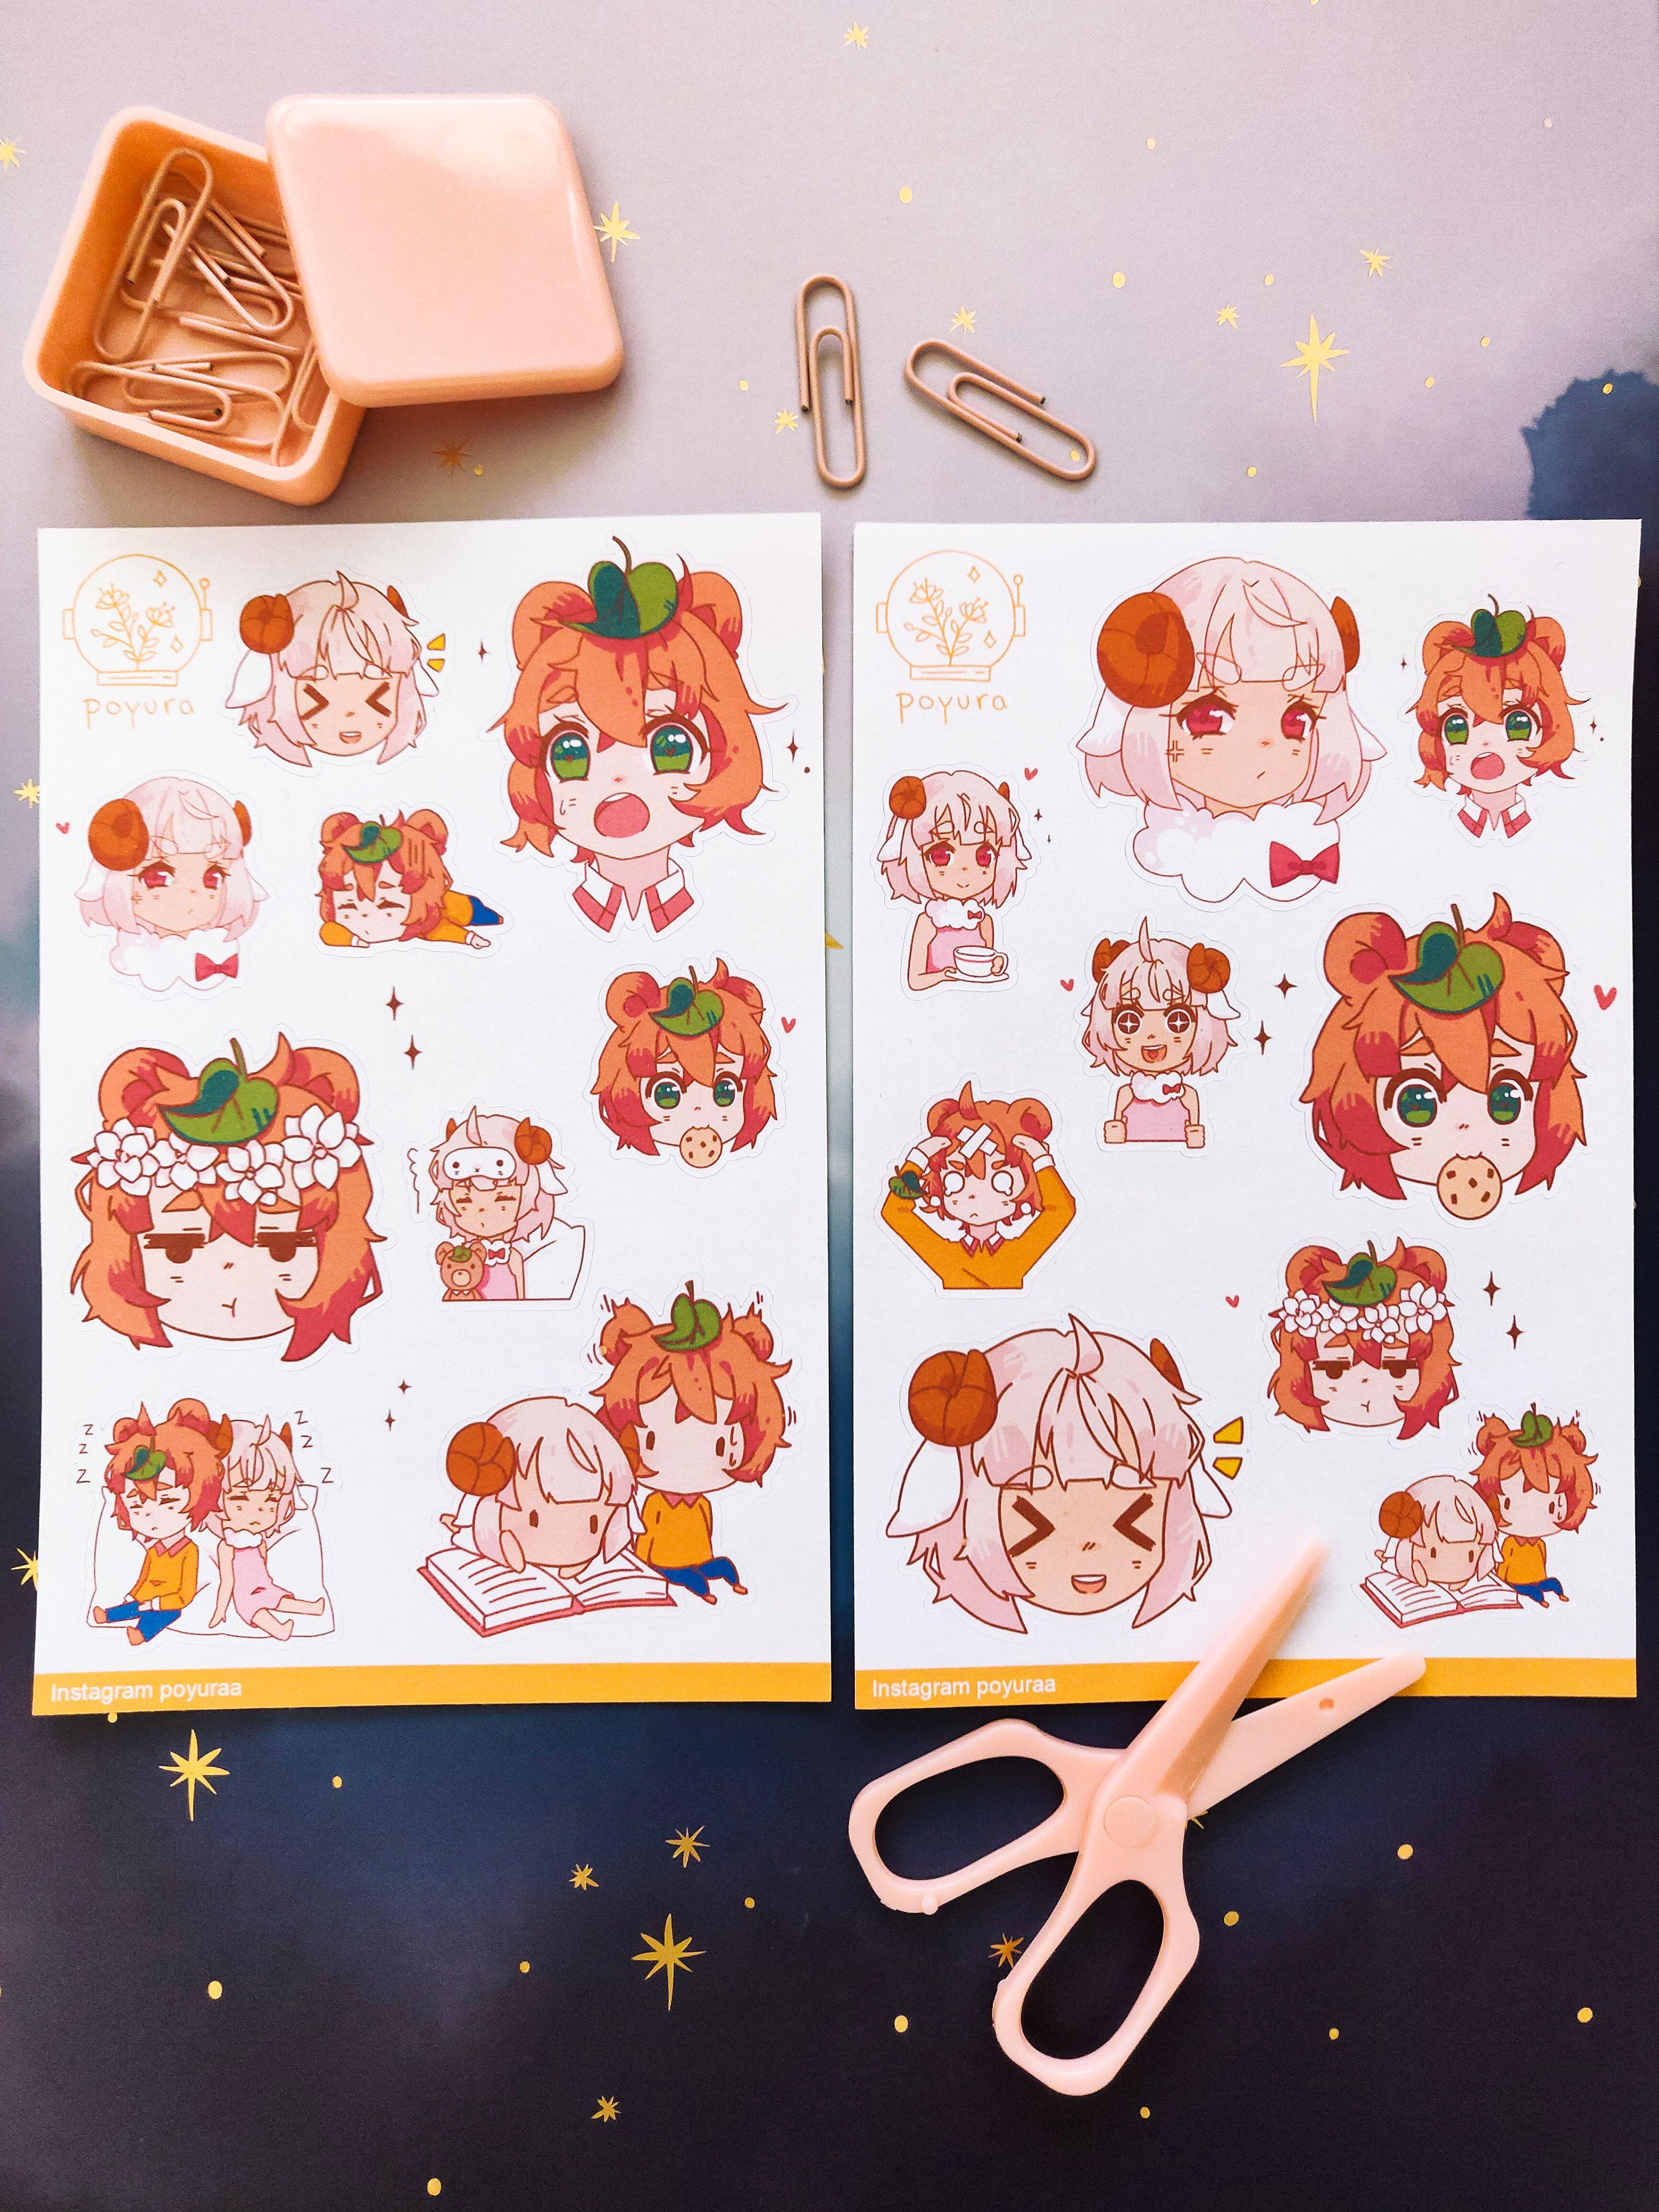 Anime Planner Bullet Journal Sticker By Poyura Bullet Journal Stickers Girl Stickers Journal Stickers